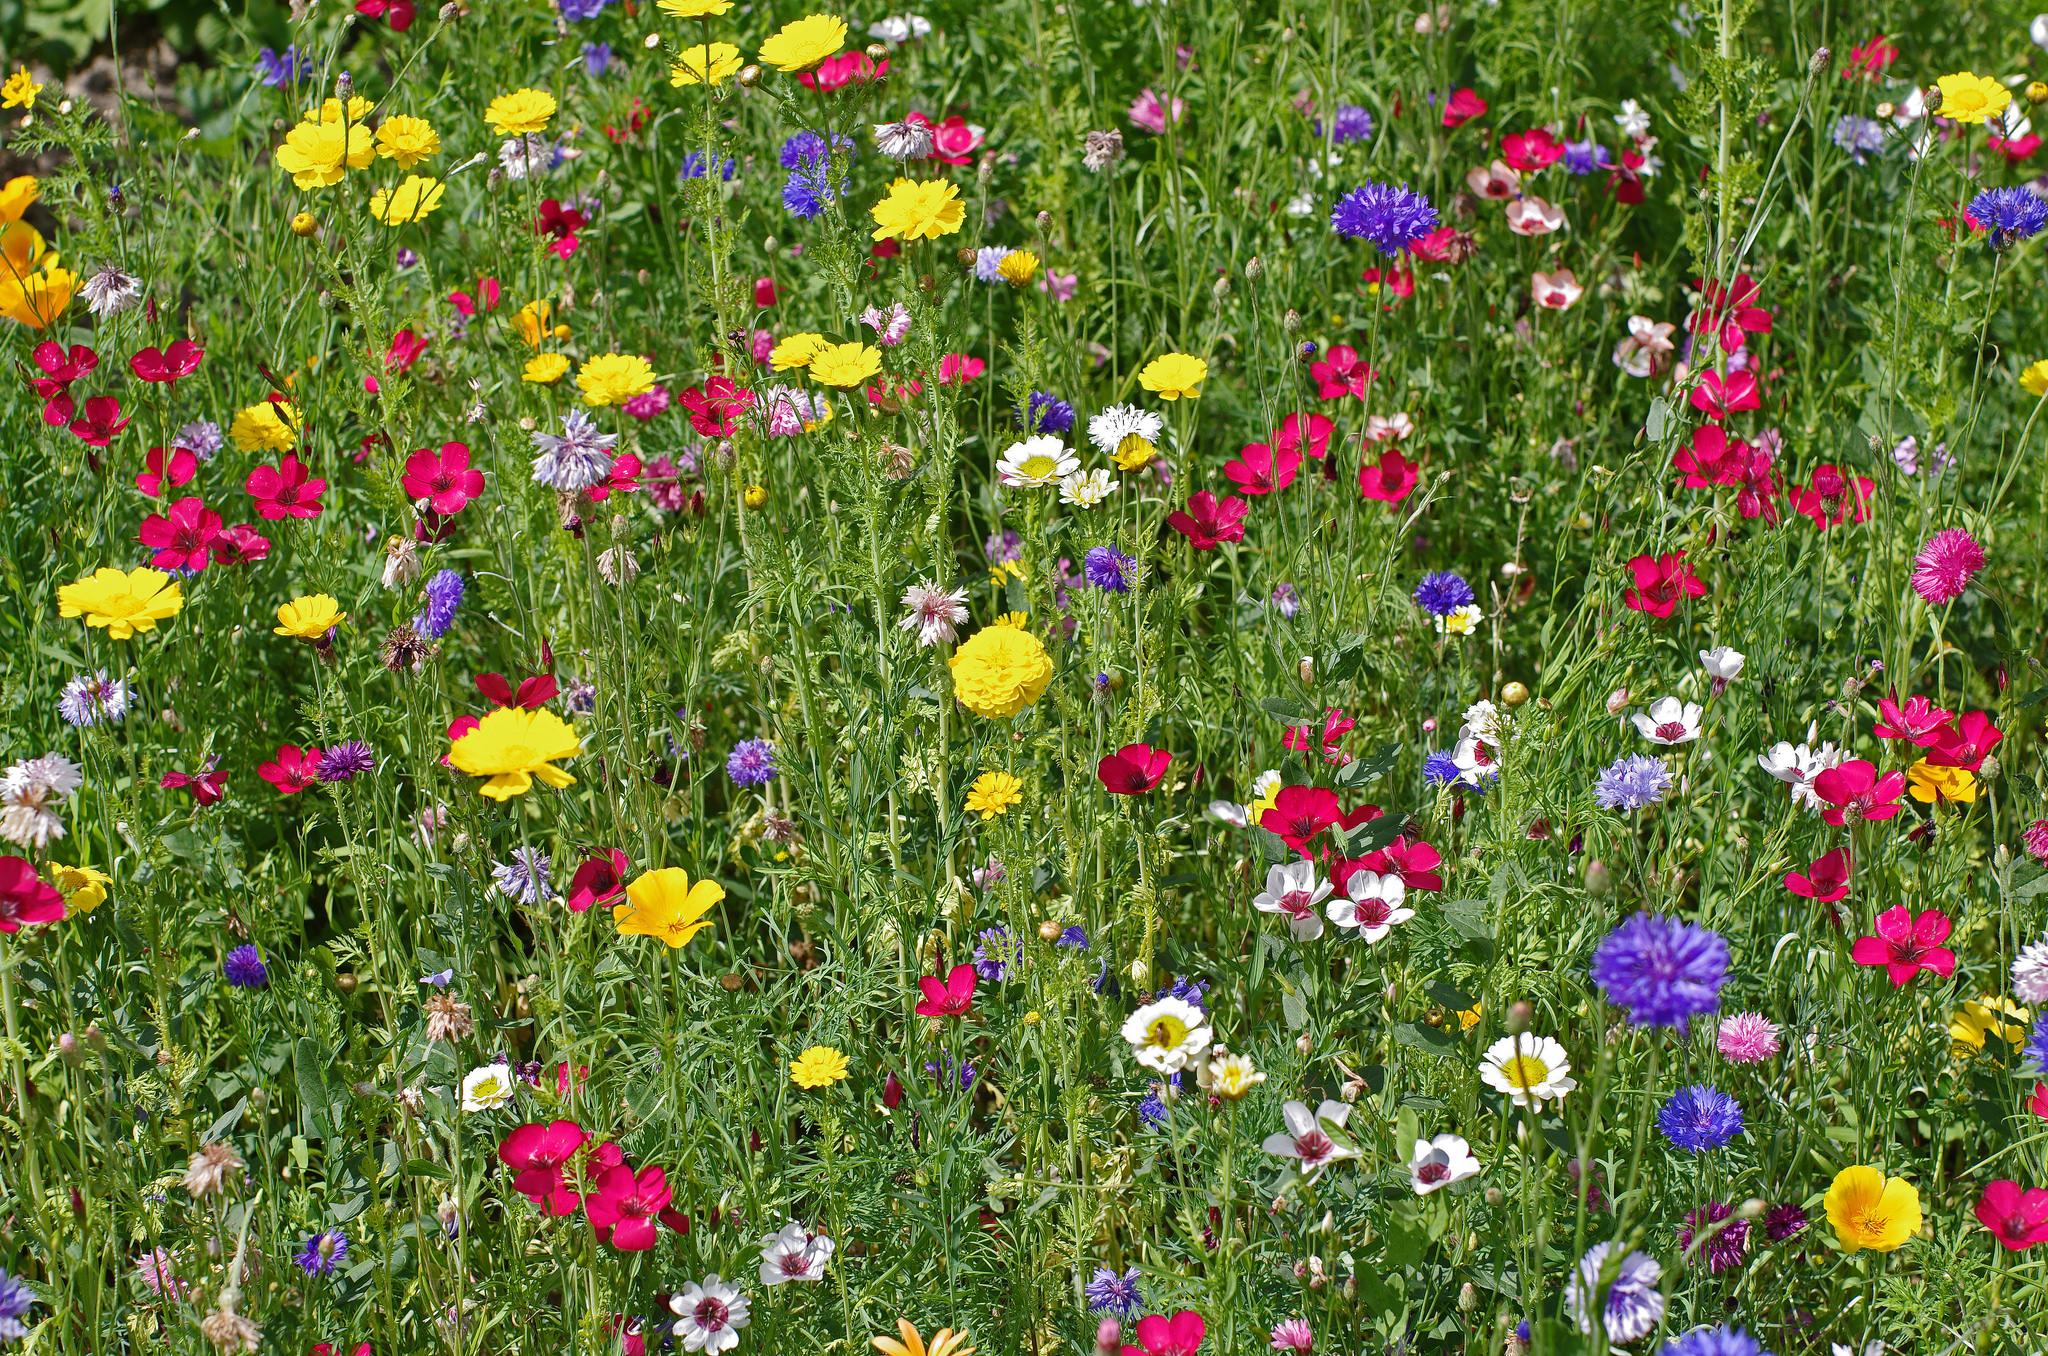 Prairie fleurie gérée par un logiciel de plan de gestion différenciée  La gestion différenciée n'a réellement pris d'ampleur en France qu'à la suite de colloques comme celui qui s'est déroulé en 1994, intitulé : « Vers la gestion différenciée des espaces verts ». Elle est pourtant une pratique courante dans les pays d'Europe du Nord.